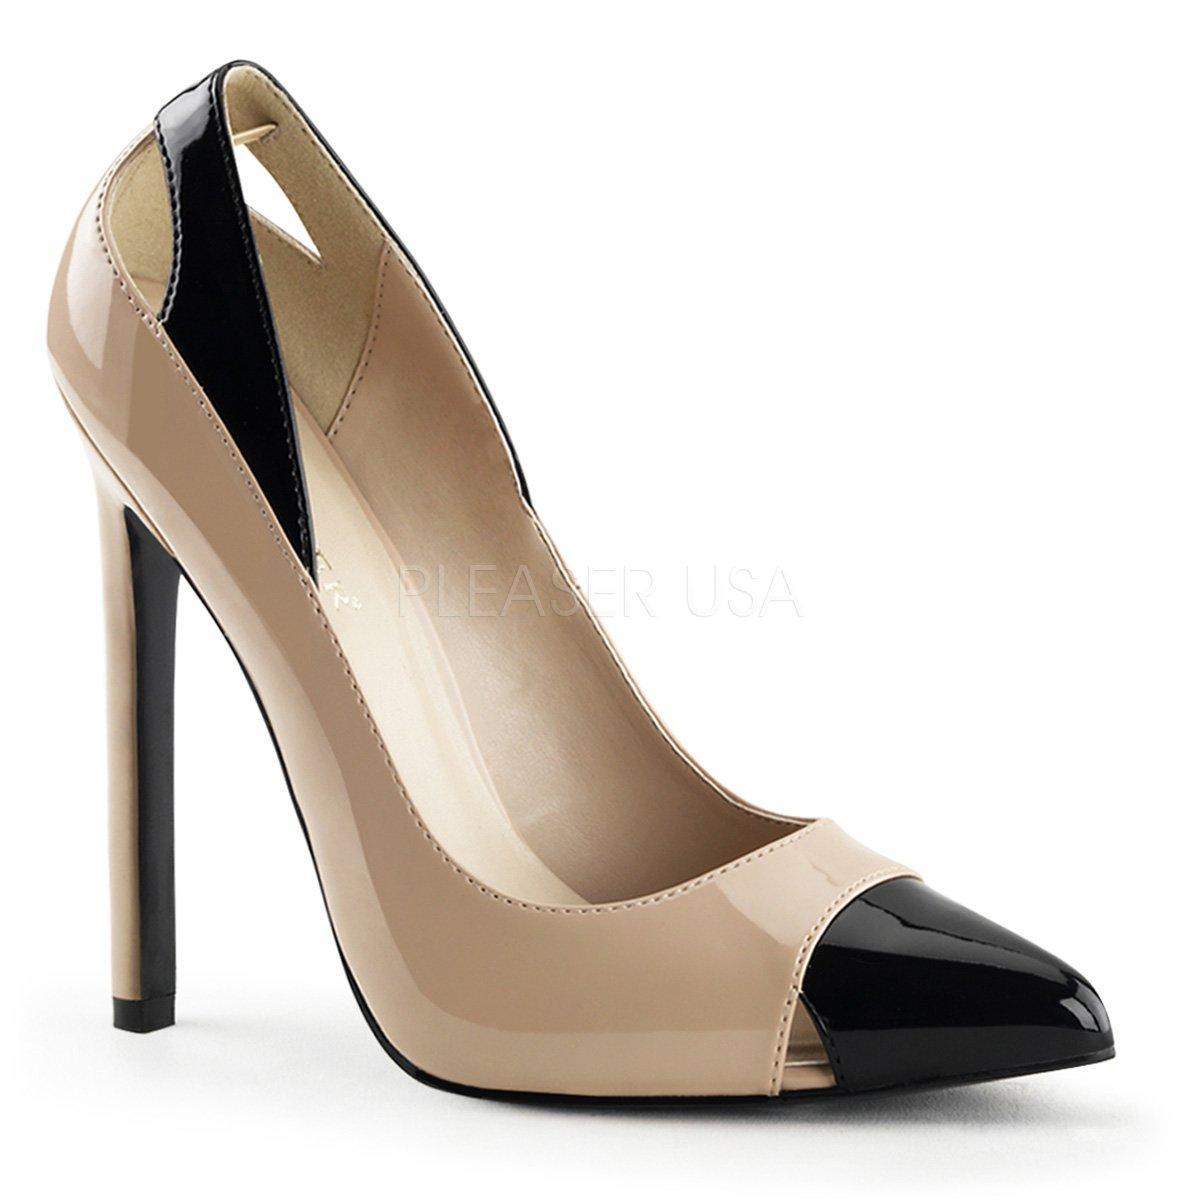 SEXY-22 Elegantní béžovo-černé lakované společenské boty na podpatku ea51b54a3c